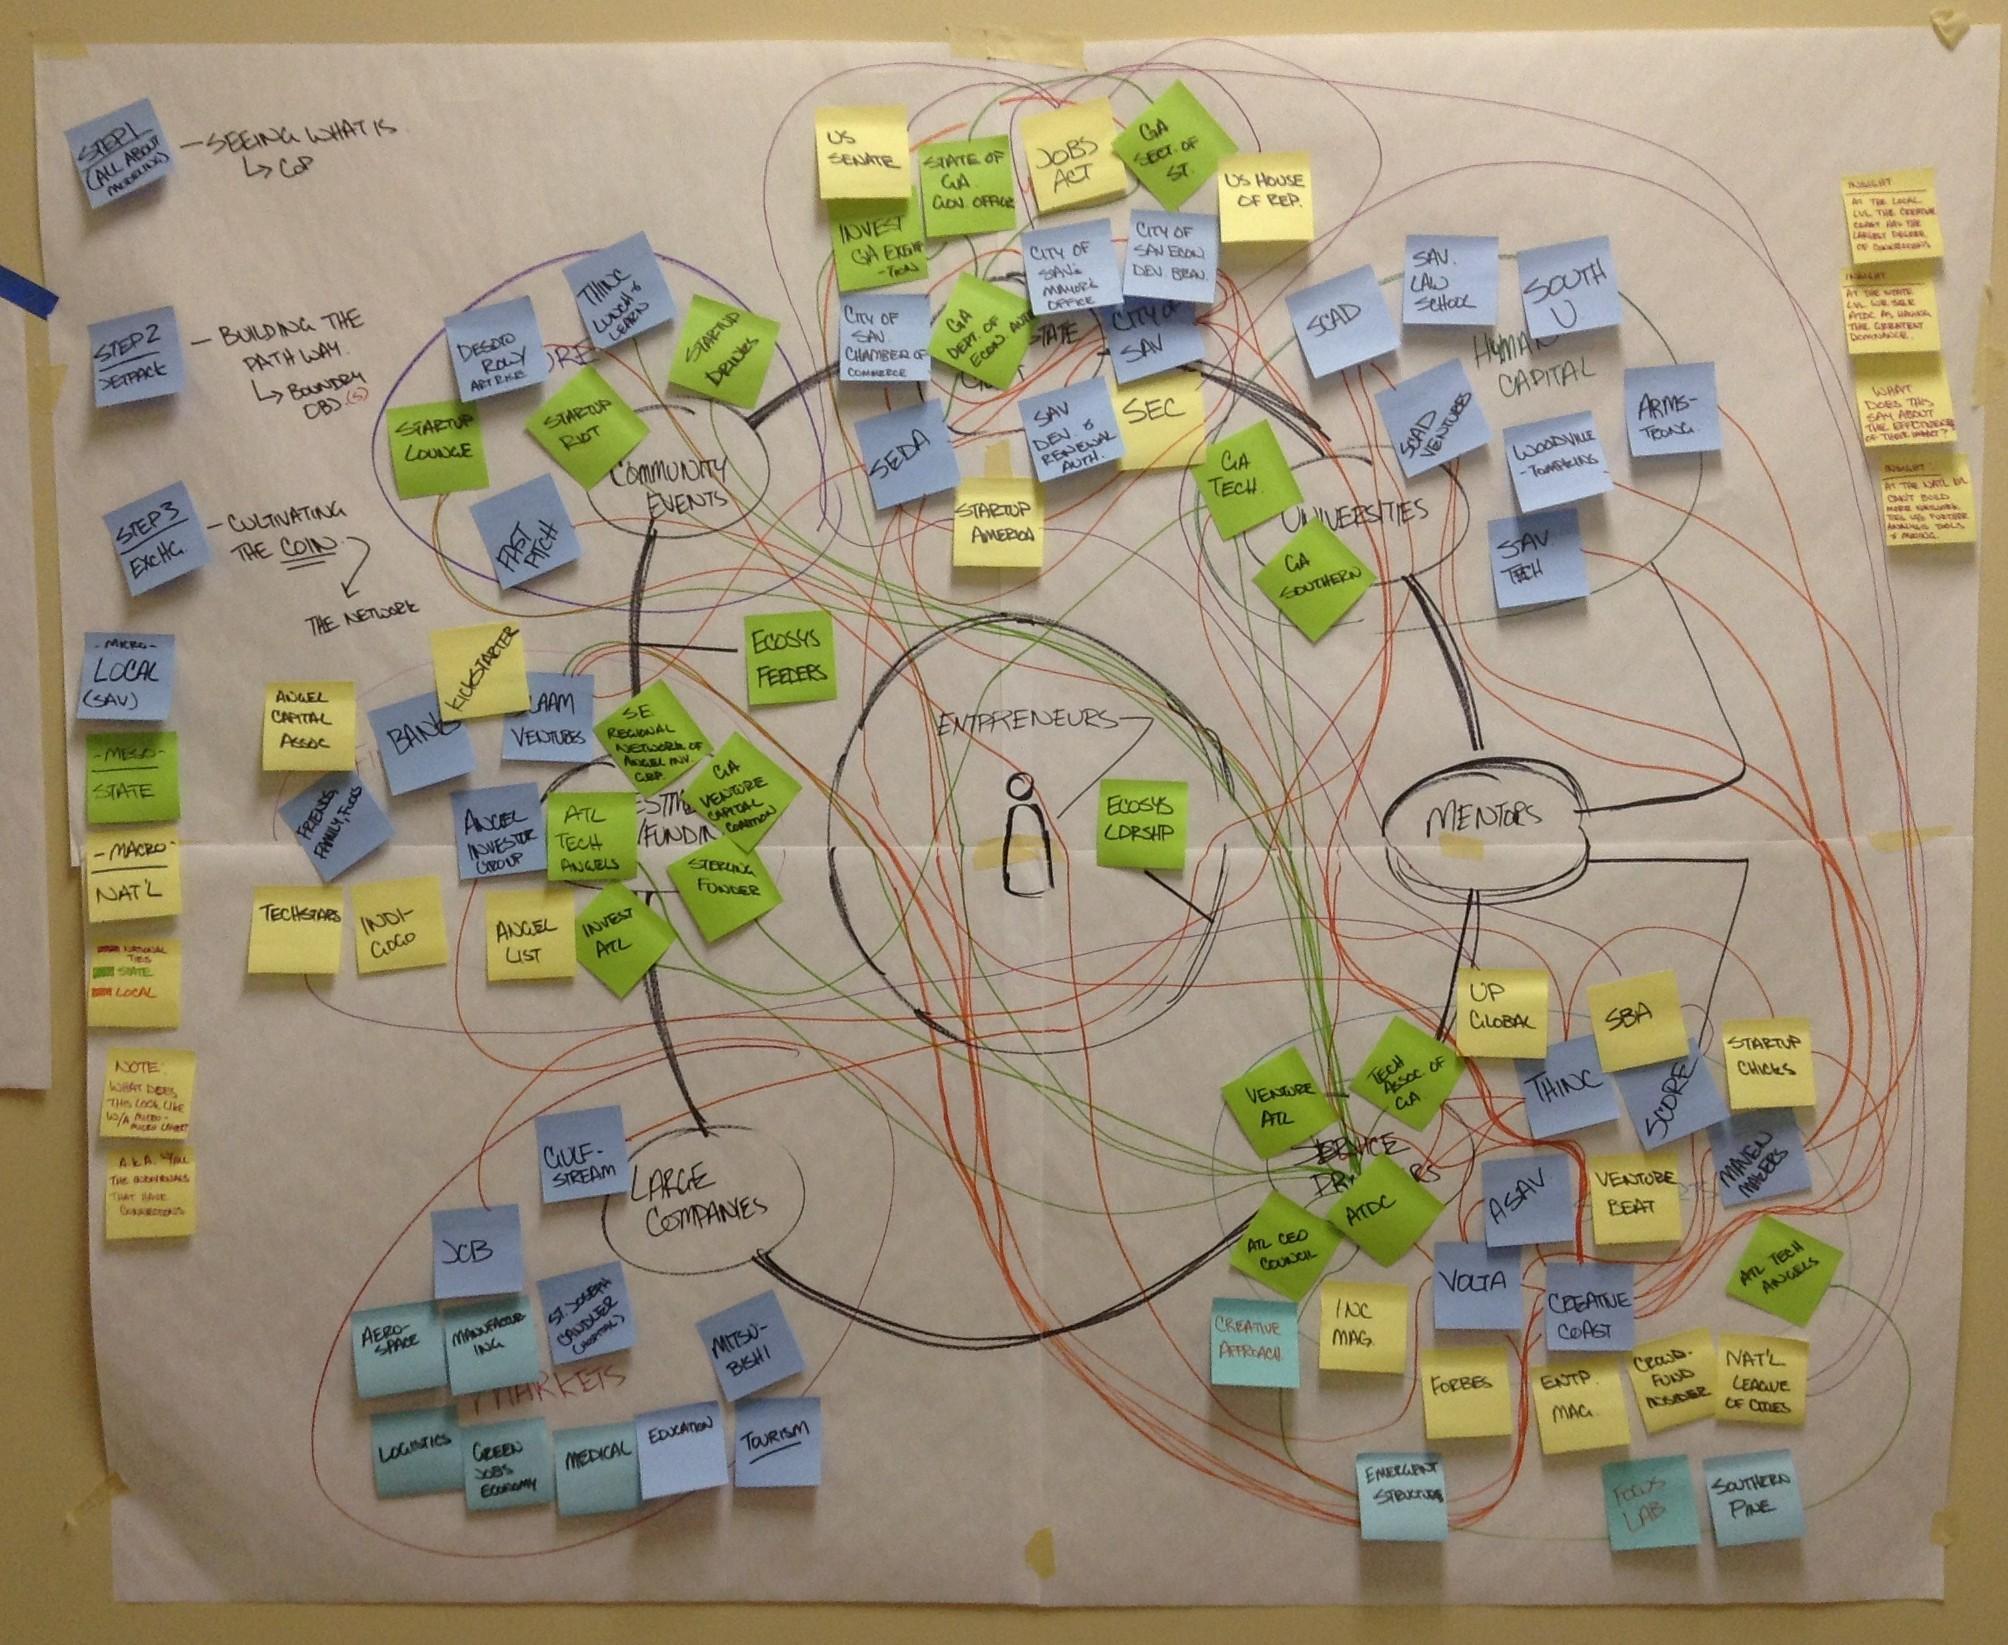 Savannah's Startup Ecosystem